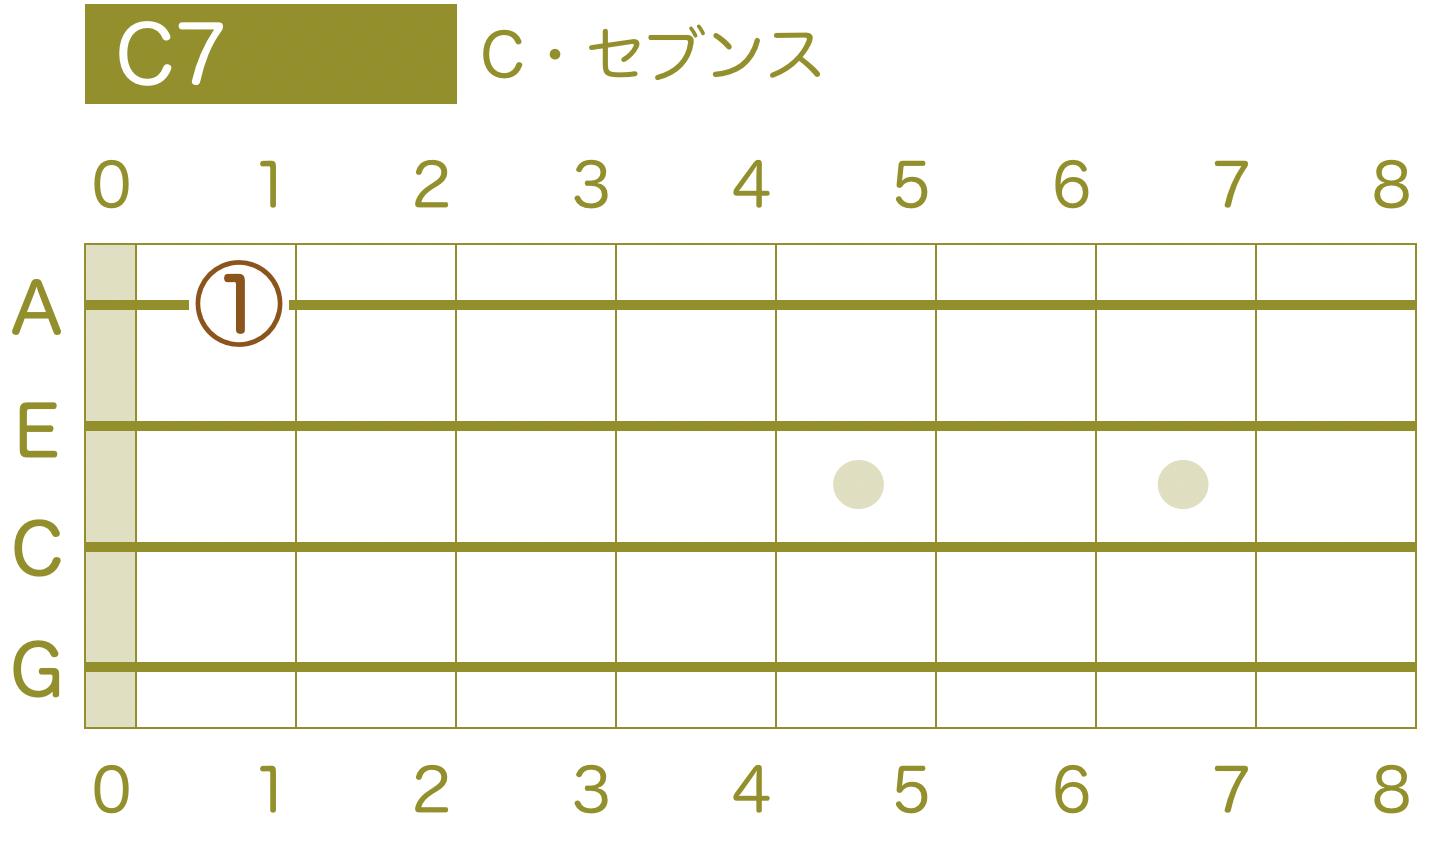 ウクレレ指板 コード Cセブンス